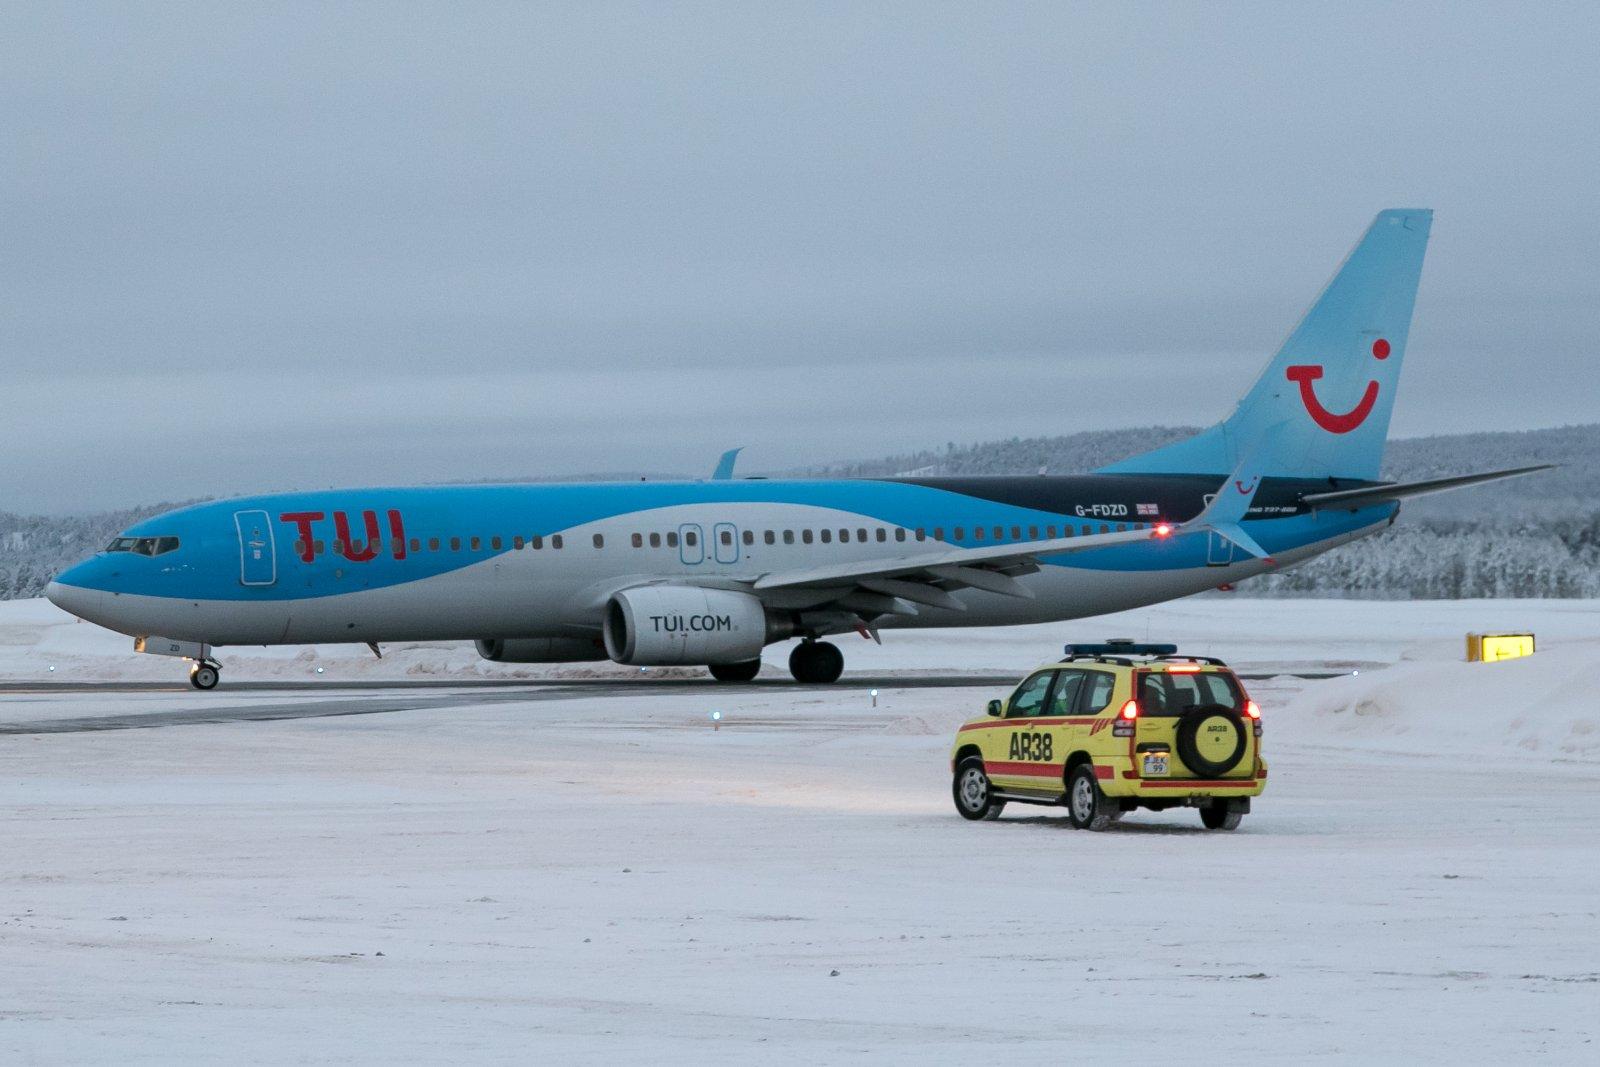 G-FDZD. Boeing 737-8K5